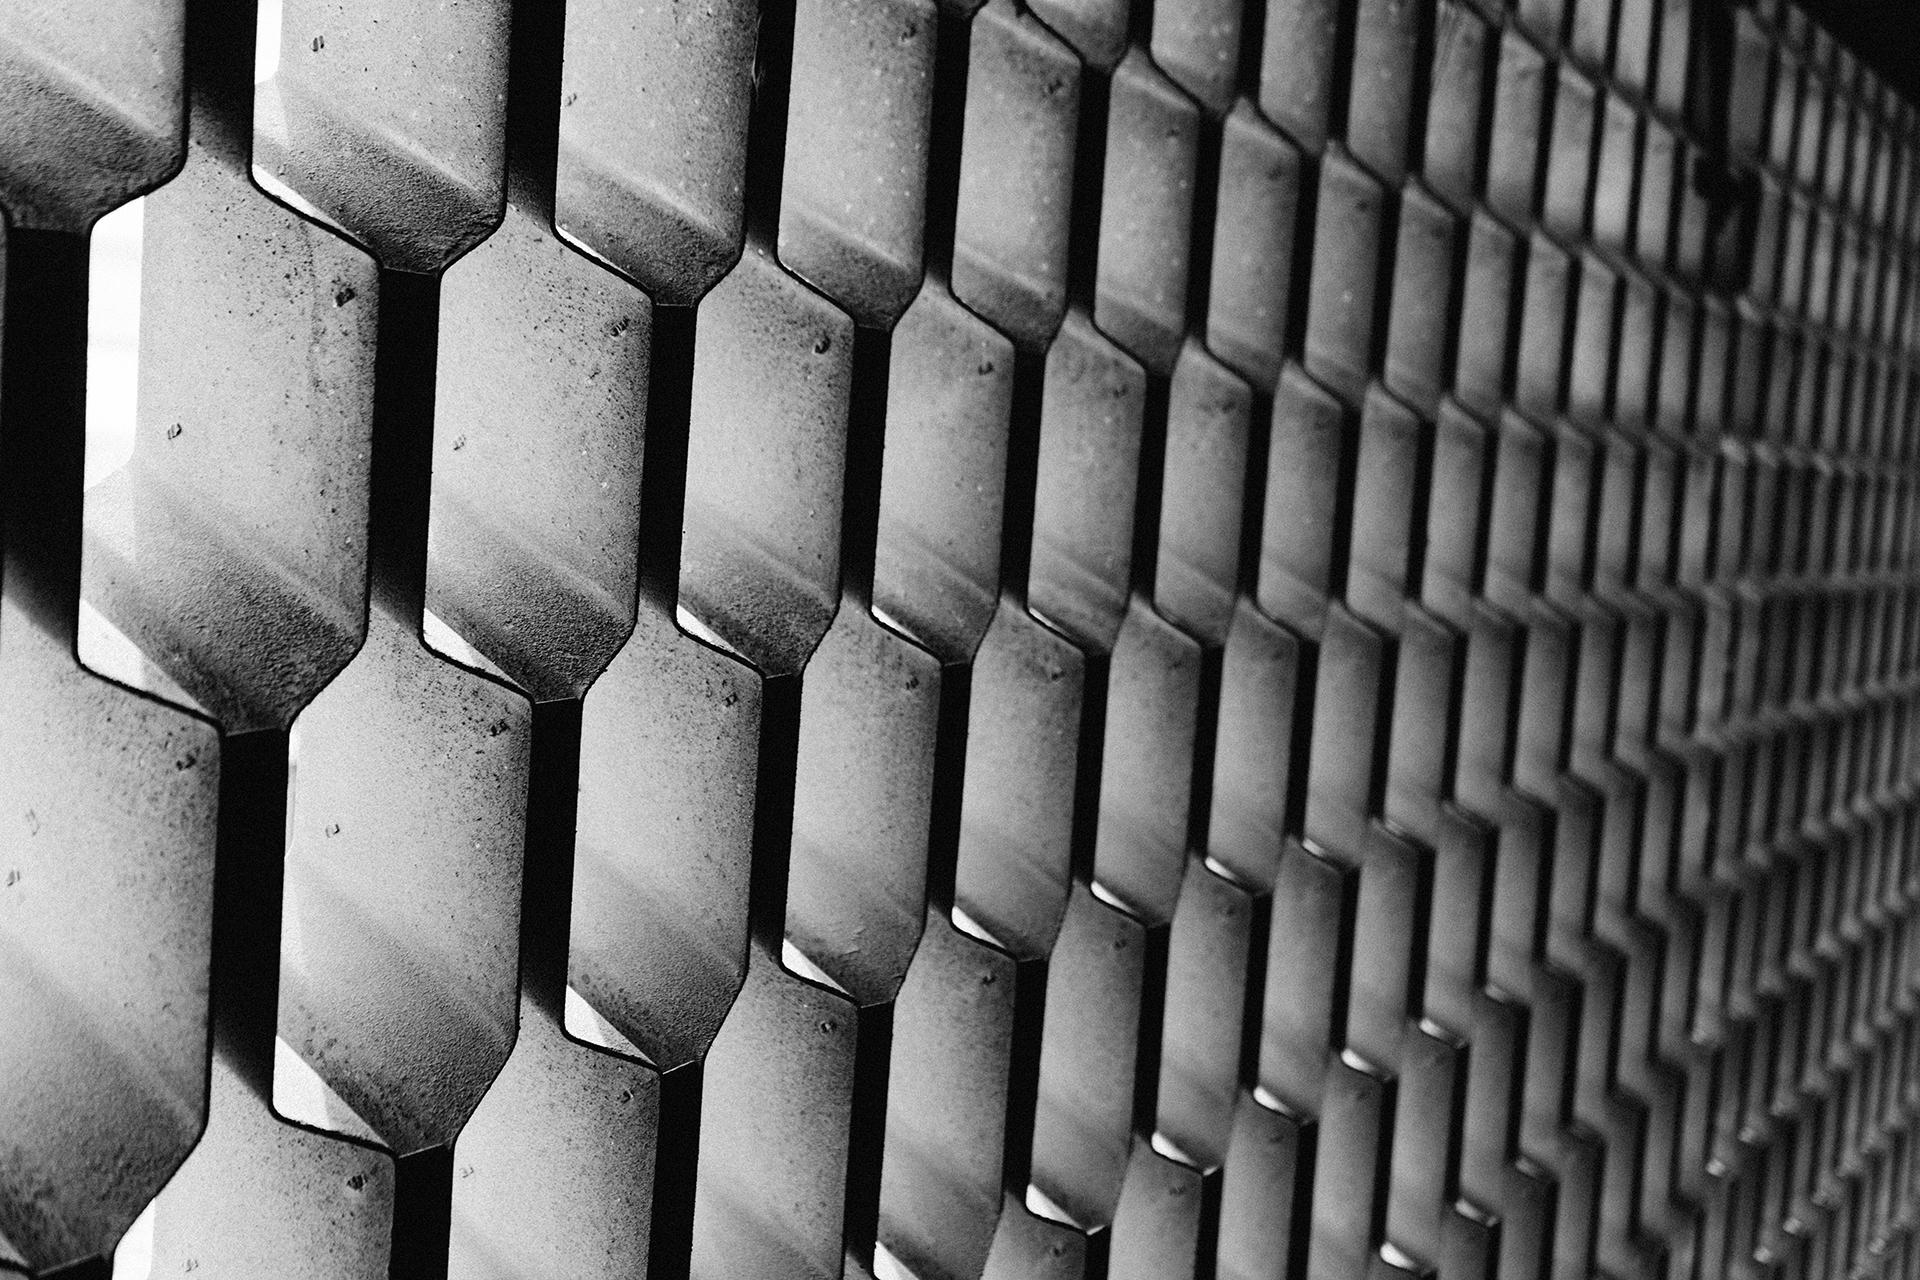 metal, patrón, colmena, agujeros, en blanco y negro - Fondos de Pantalla HD - professor-falken.com